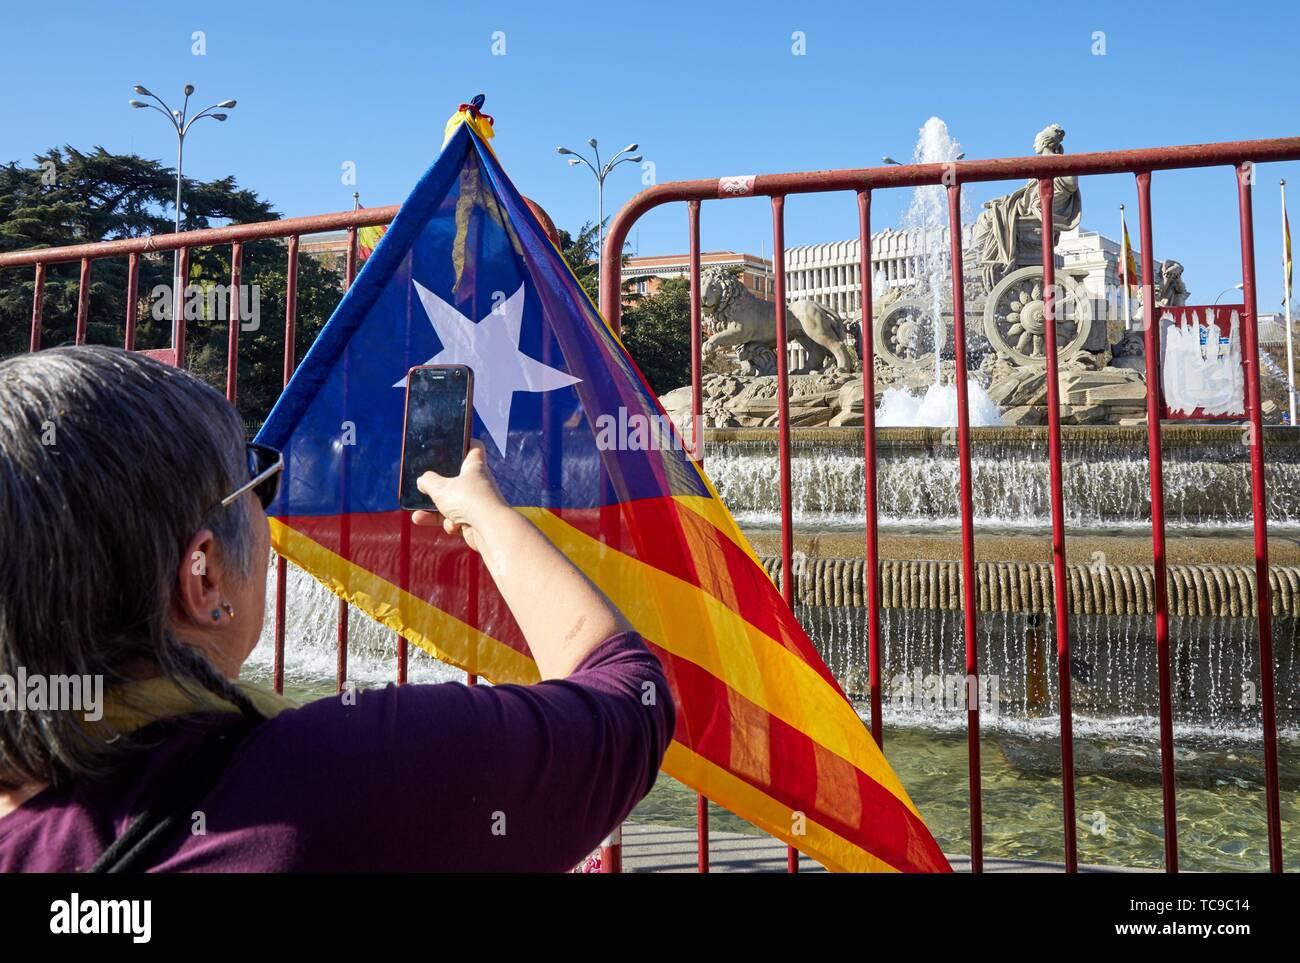 Demonstration der Katalanen anspruchsvolle Unabhängigkeit, Fahnen von Katalonien, Quadrat Cibeles, Madrid, Spanien, Europa Stockbild